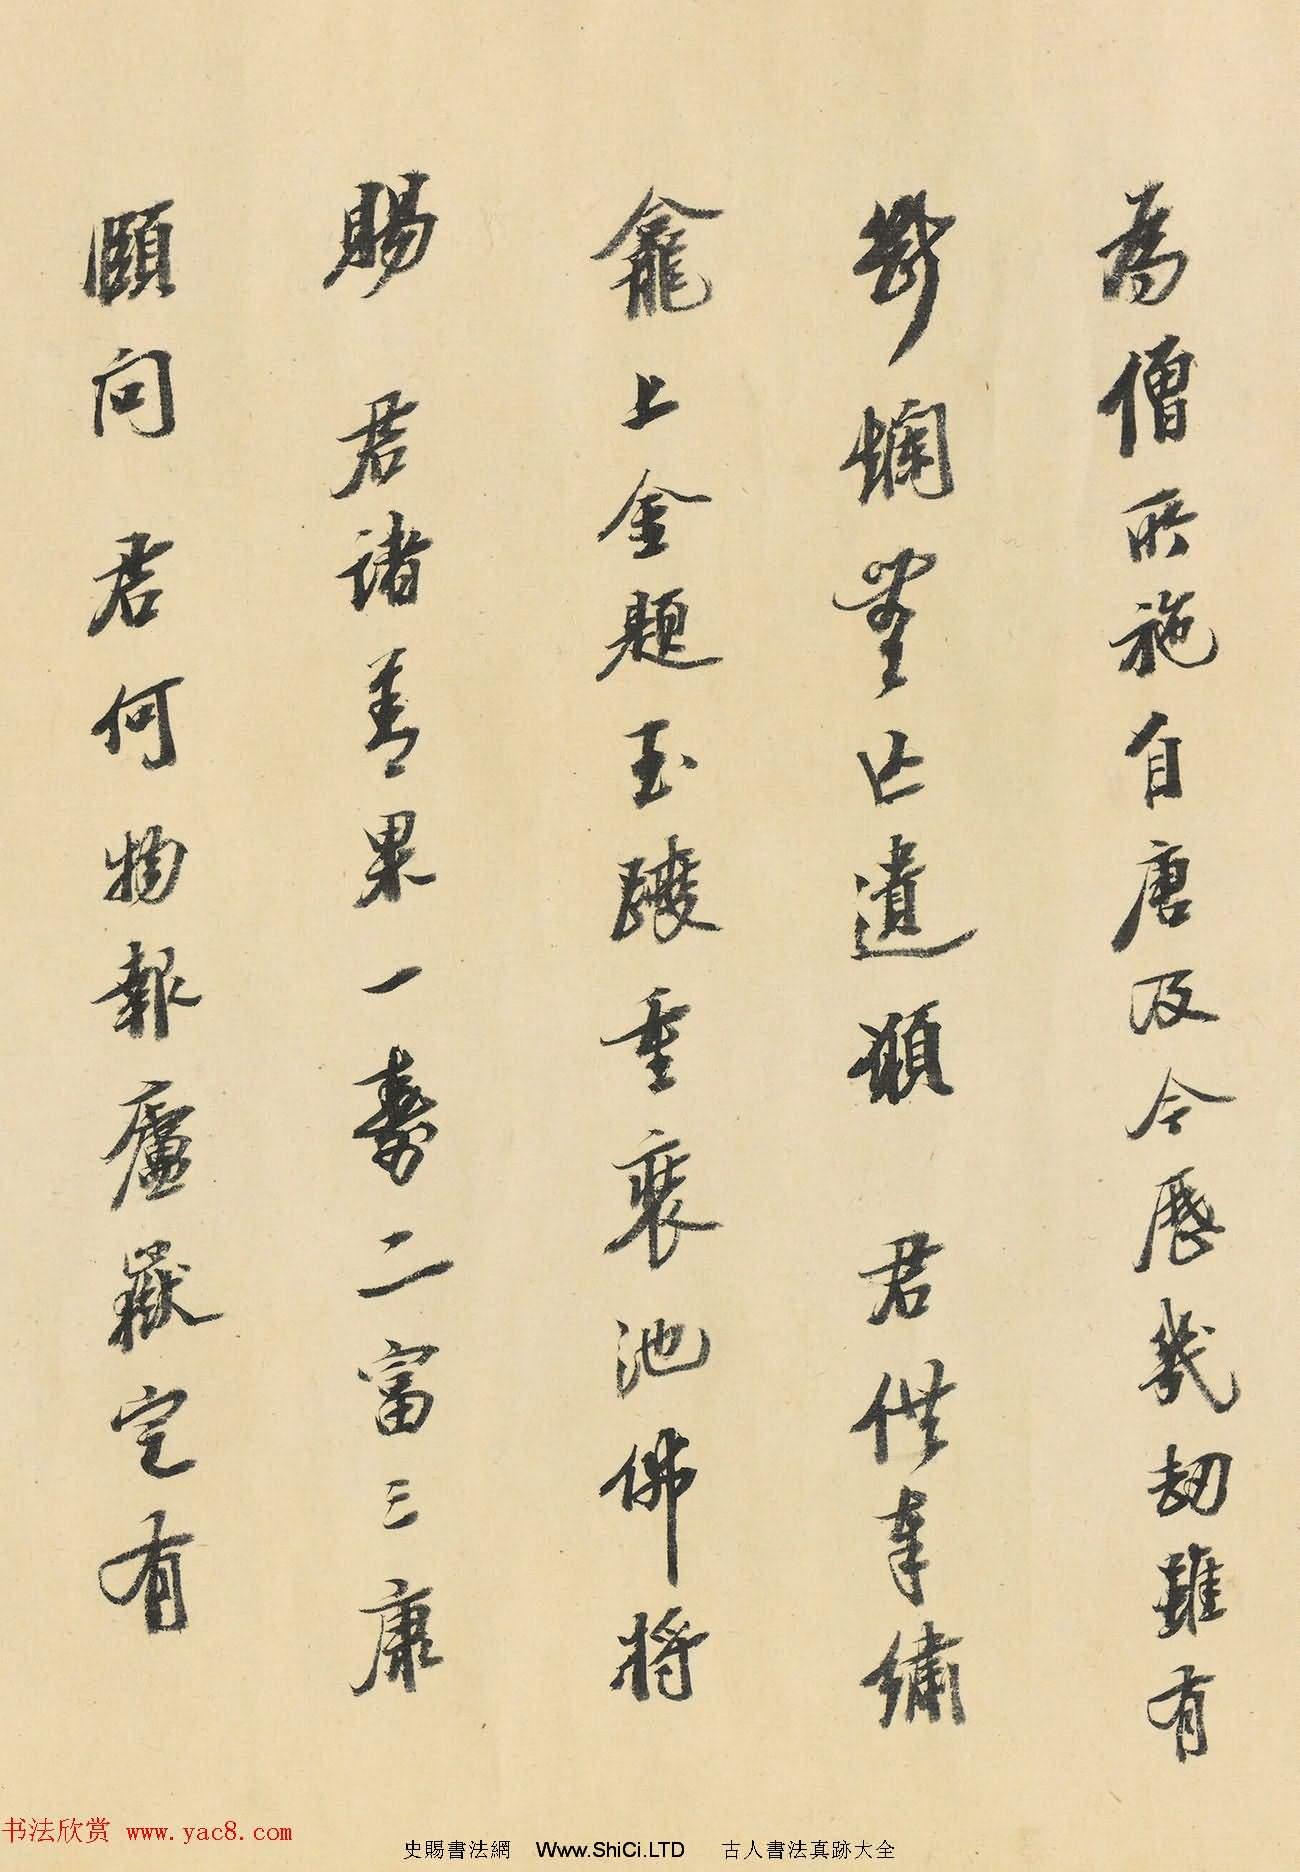 樊增祥行書《右釋迦牟尼佛會圖歌》